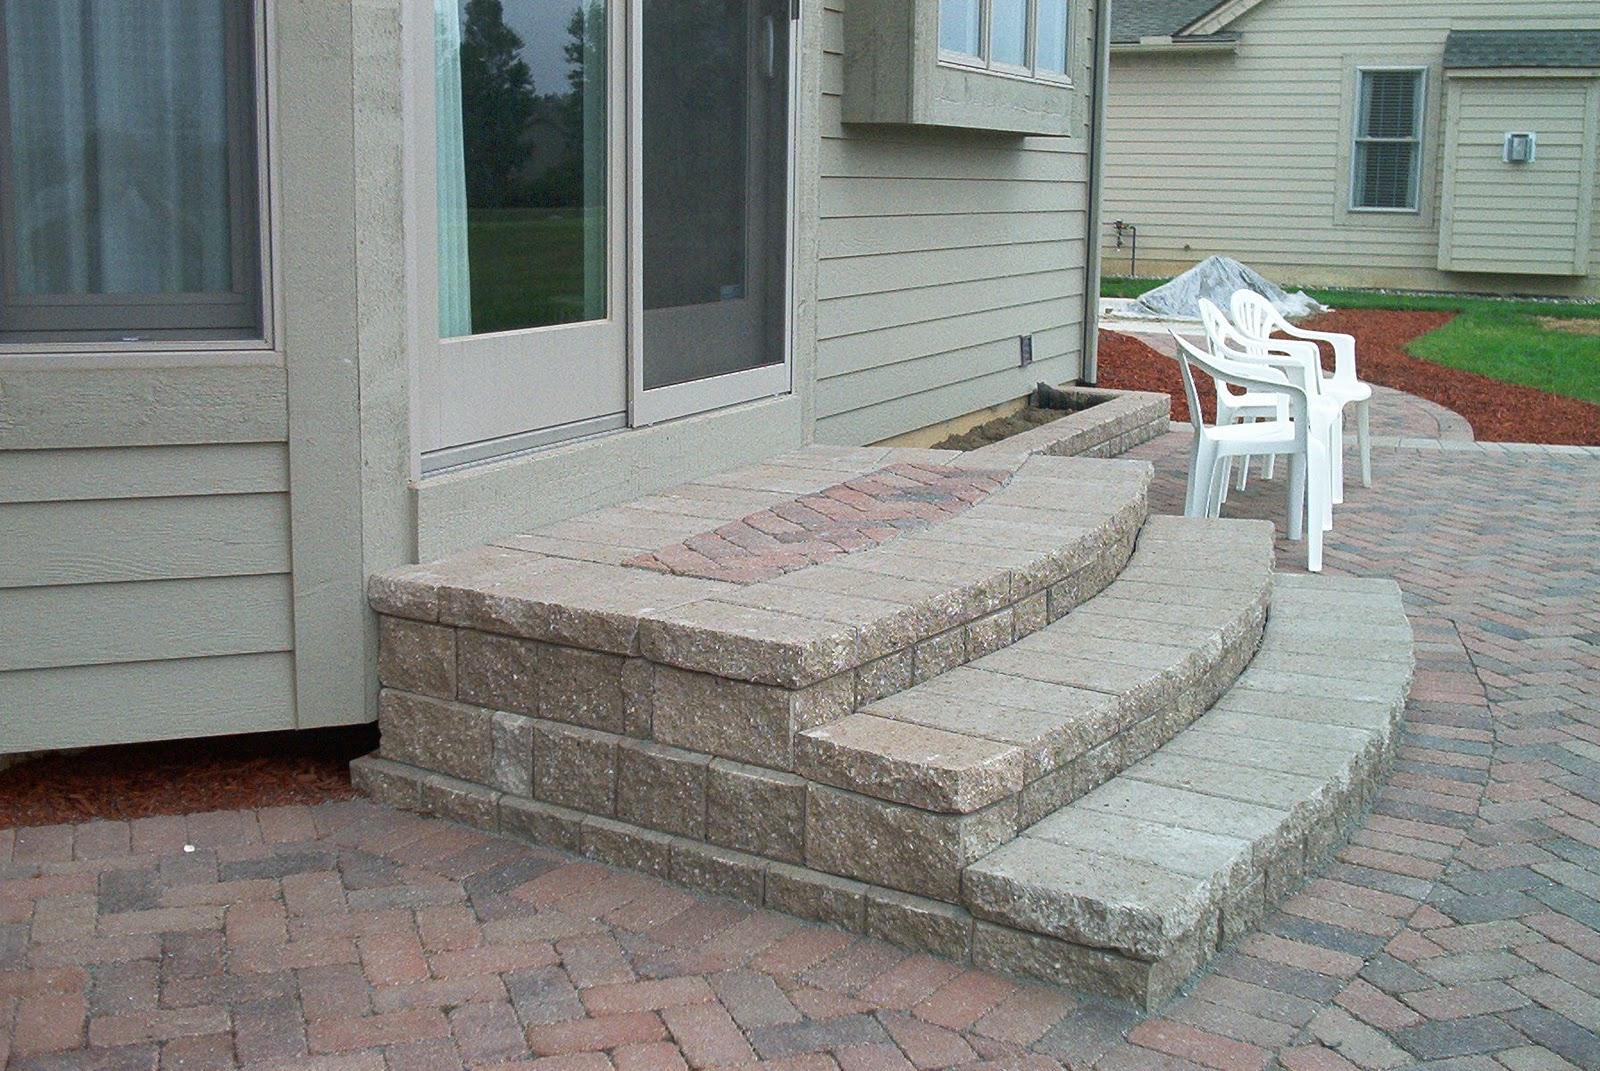 Brick Pavers,Canton,Ann Arbor,Plymouth,Patio,Patios,Repair ... on Brick Paver Patio Designs  id=16574